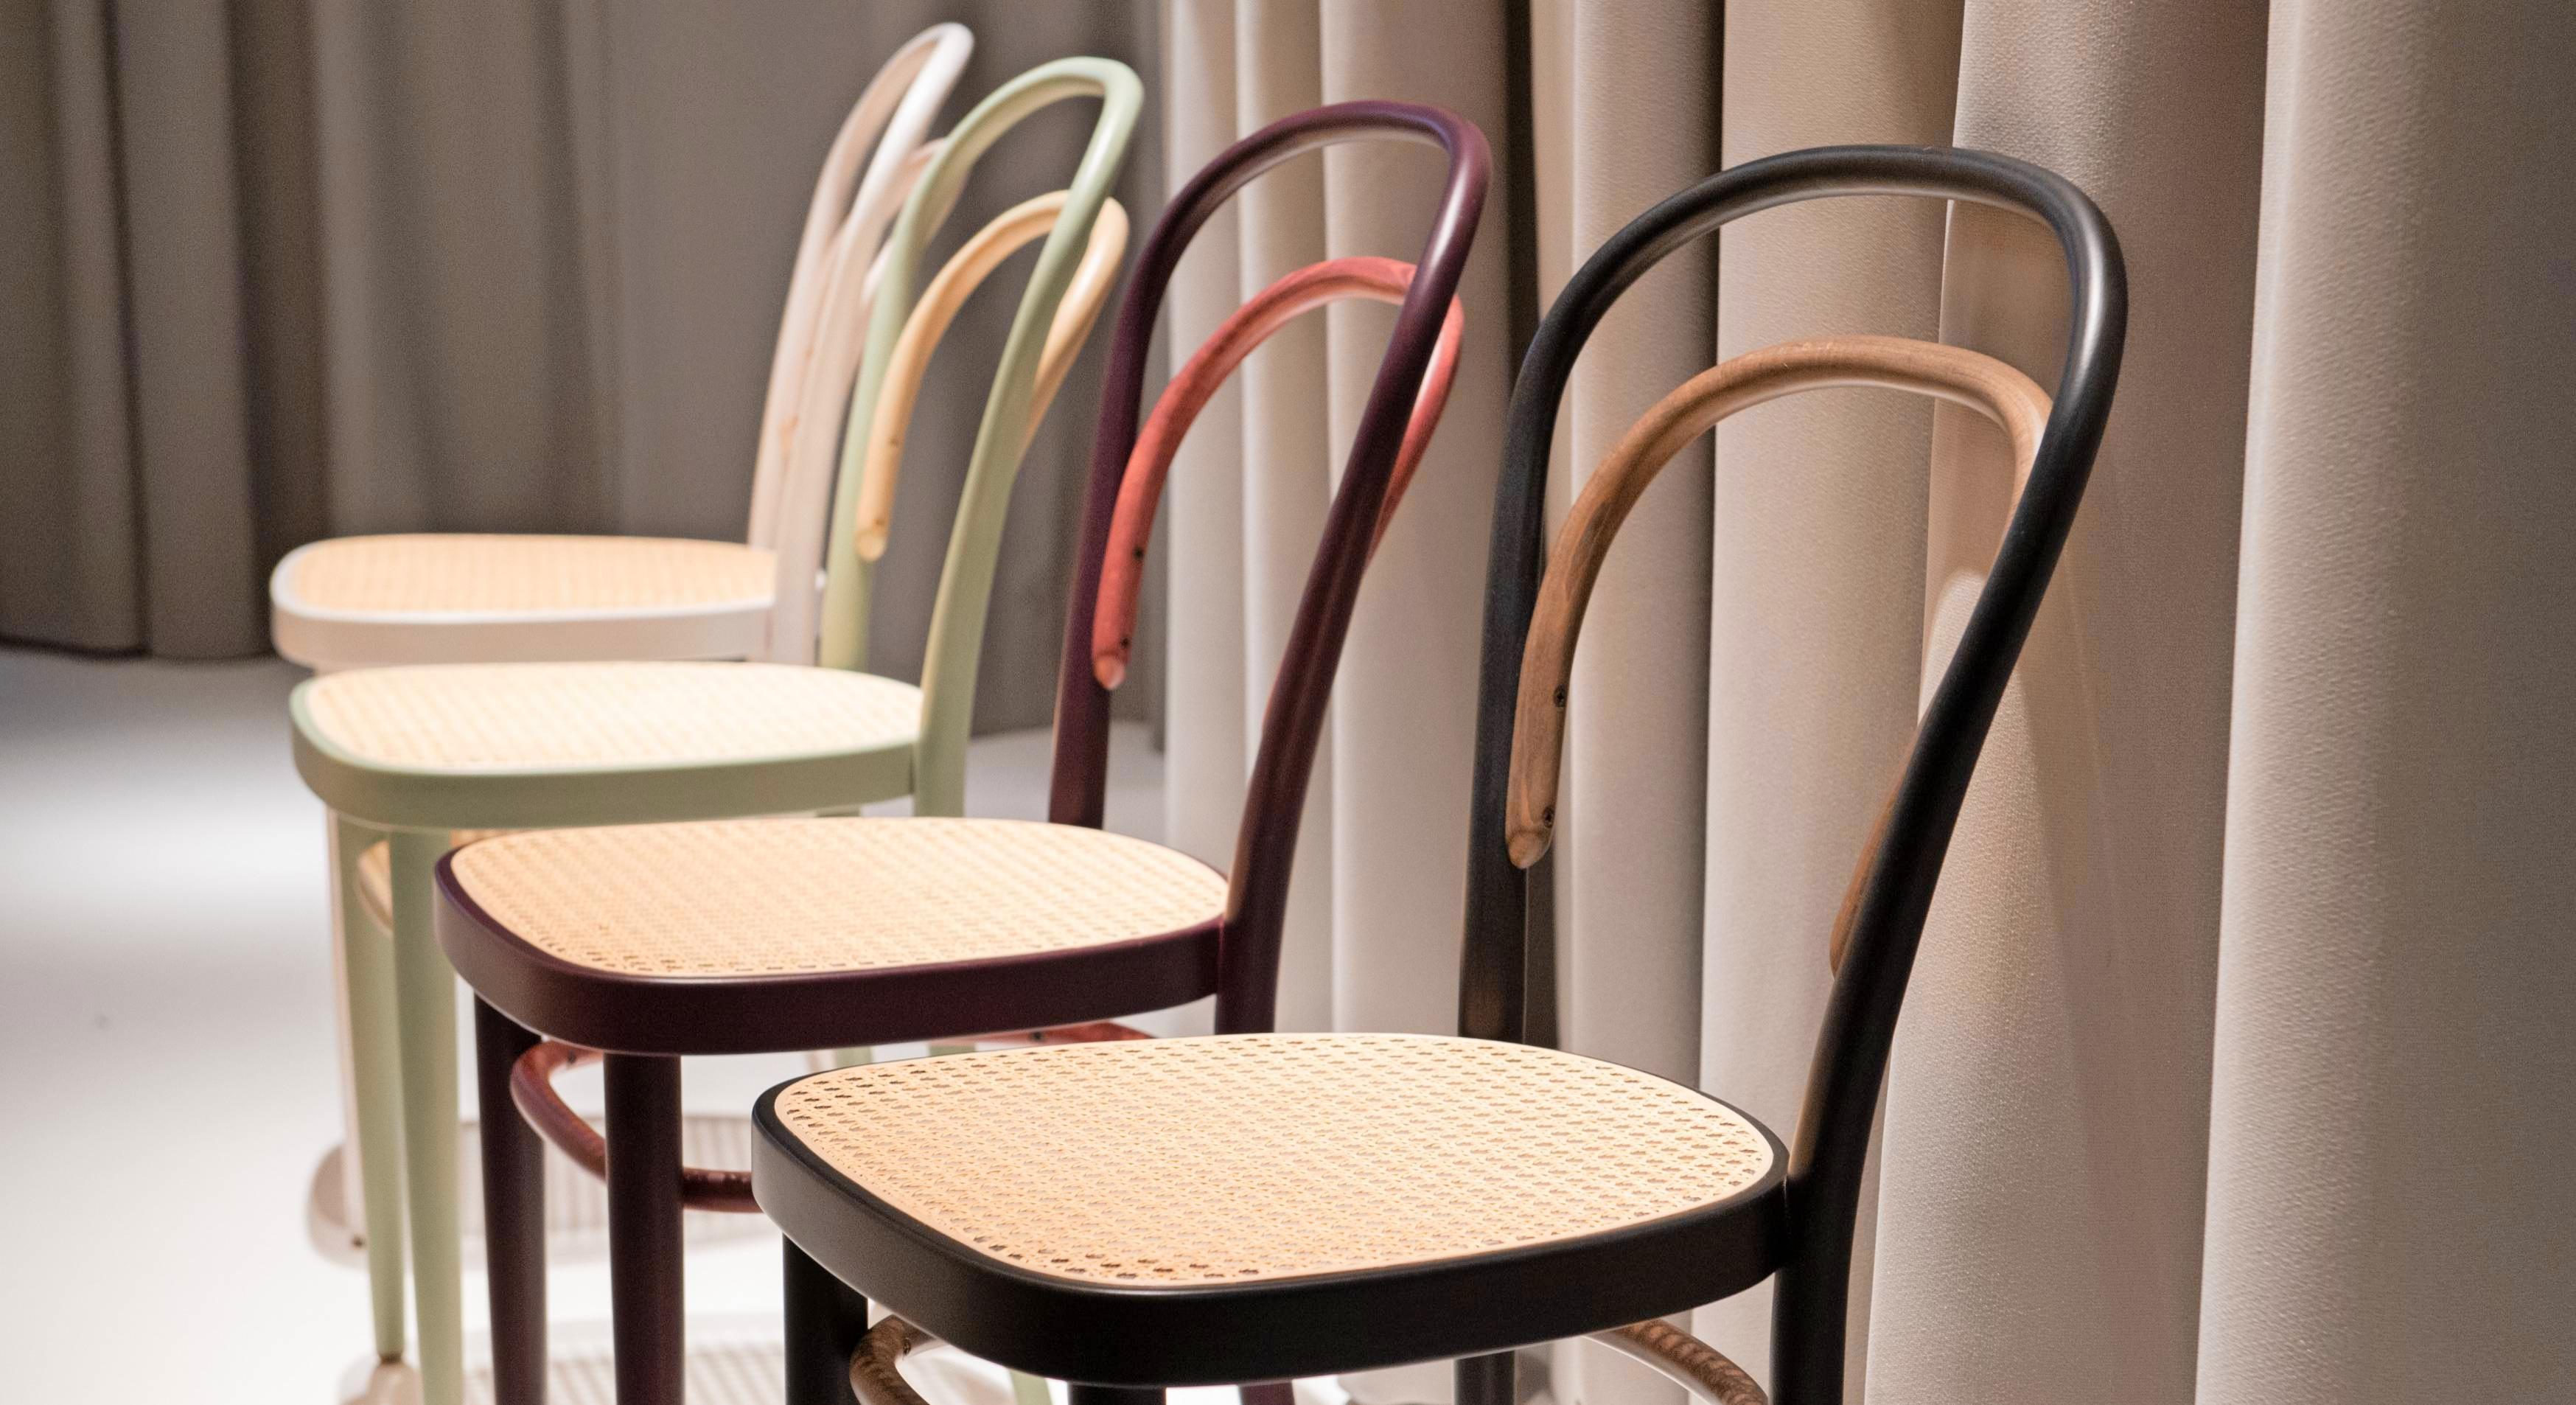 Der Kaffeehausstuhl von Thonet ist bis heute ein Klassiker, der nicht aus der Mode kommt – auch als massengefertigtes Möbelstück. Foto: dp